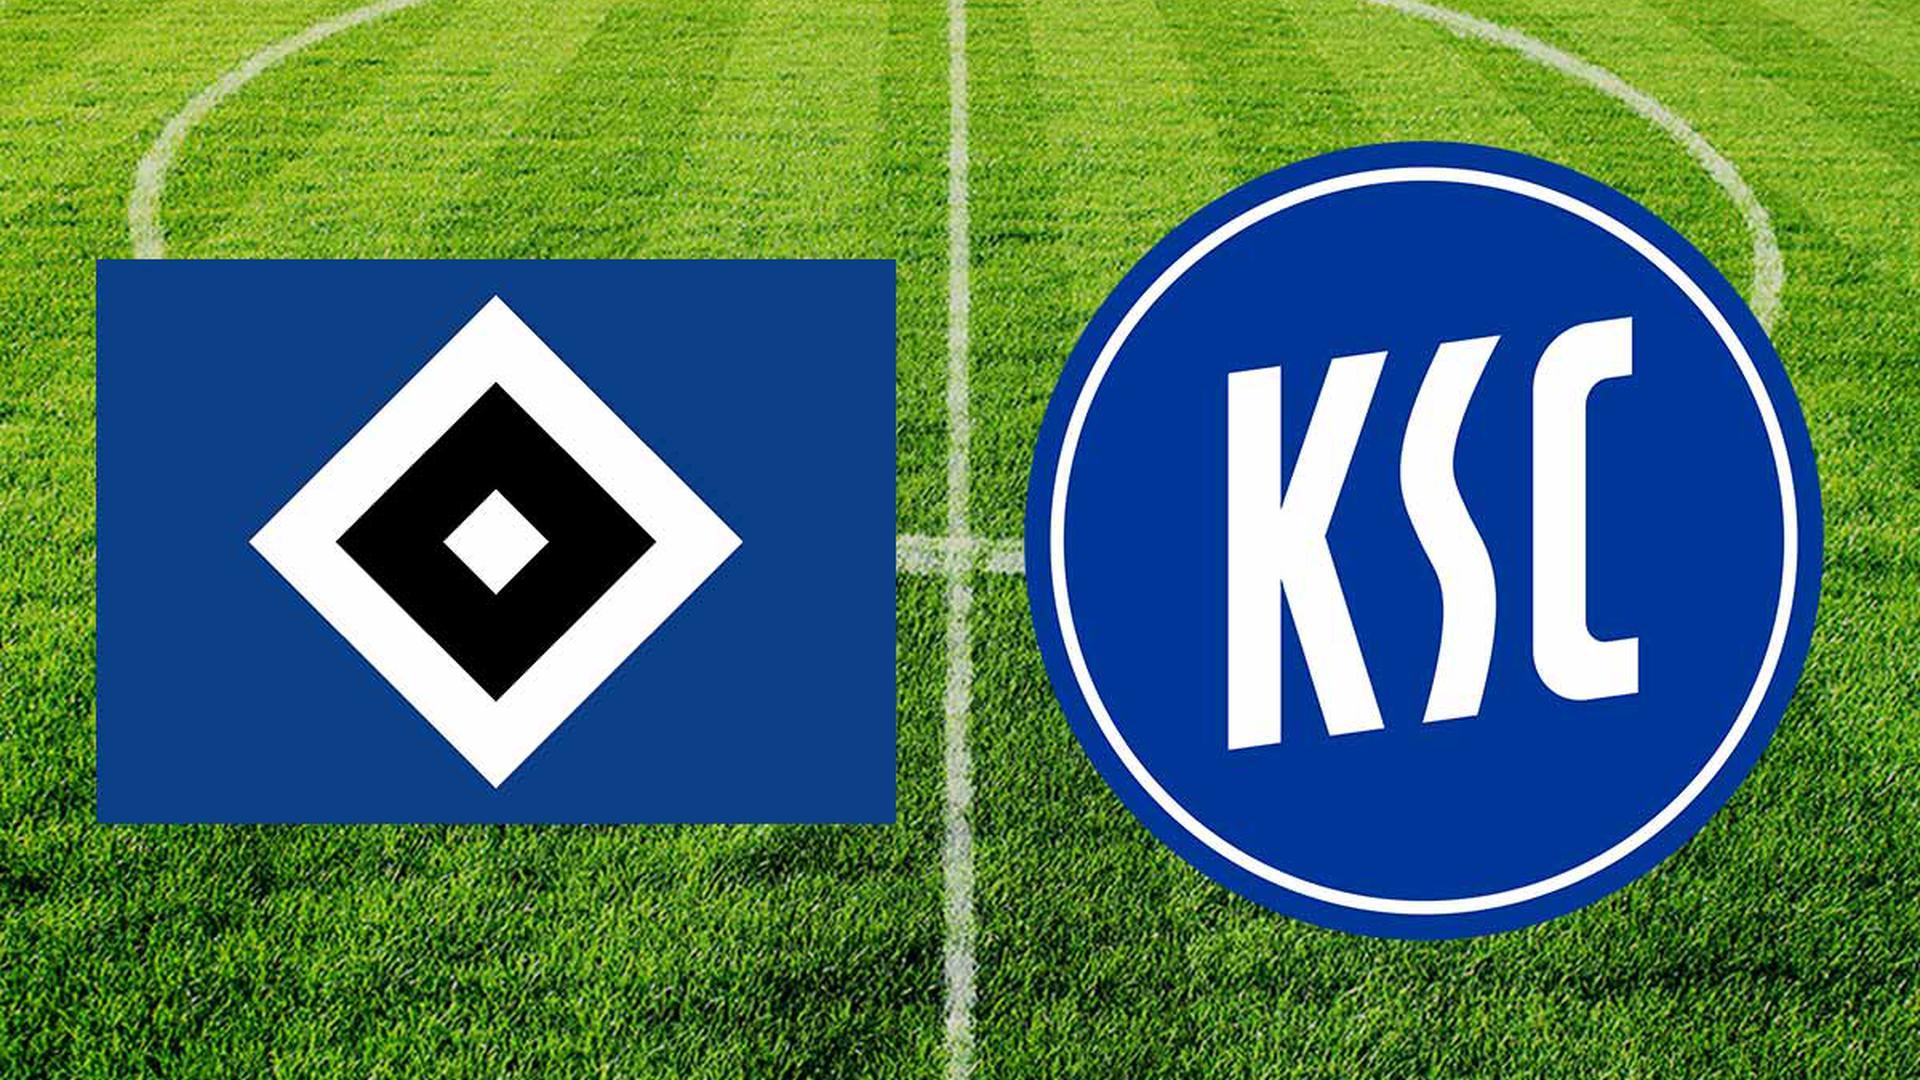 HSV Logo und KSC Logo vor einem Fußballplatz